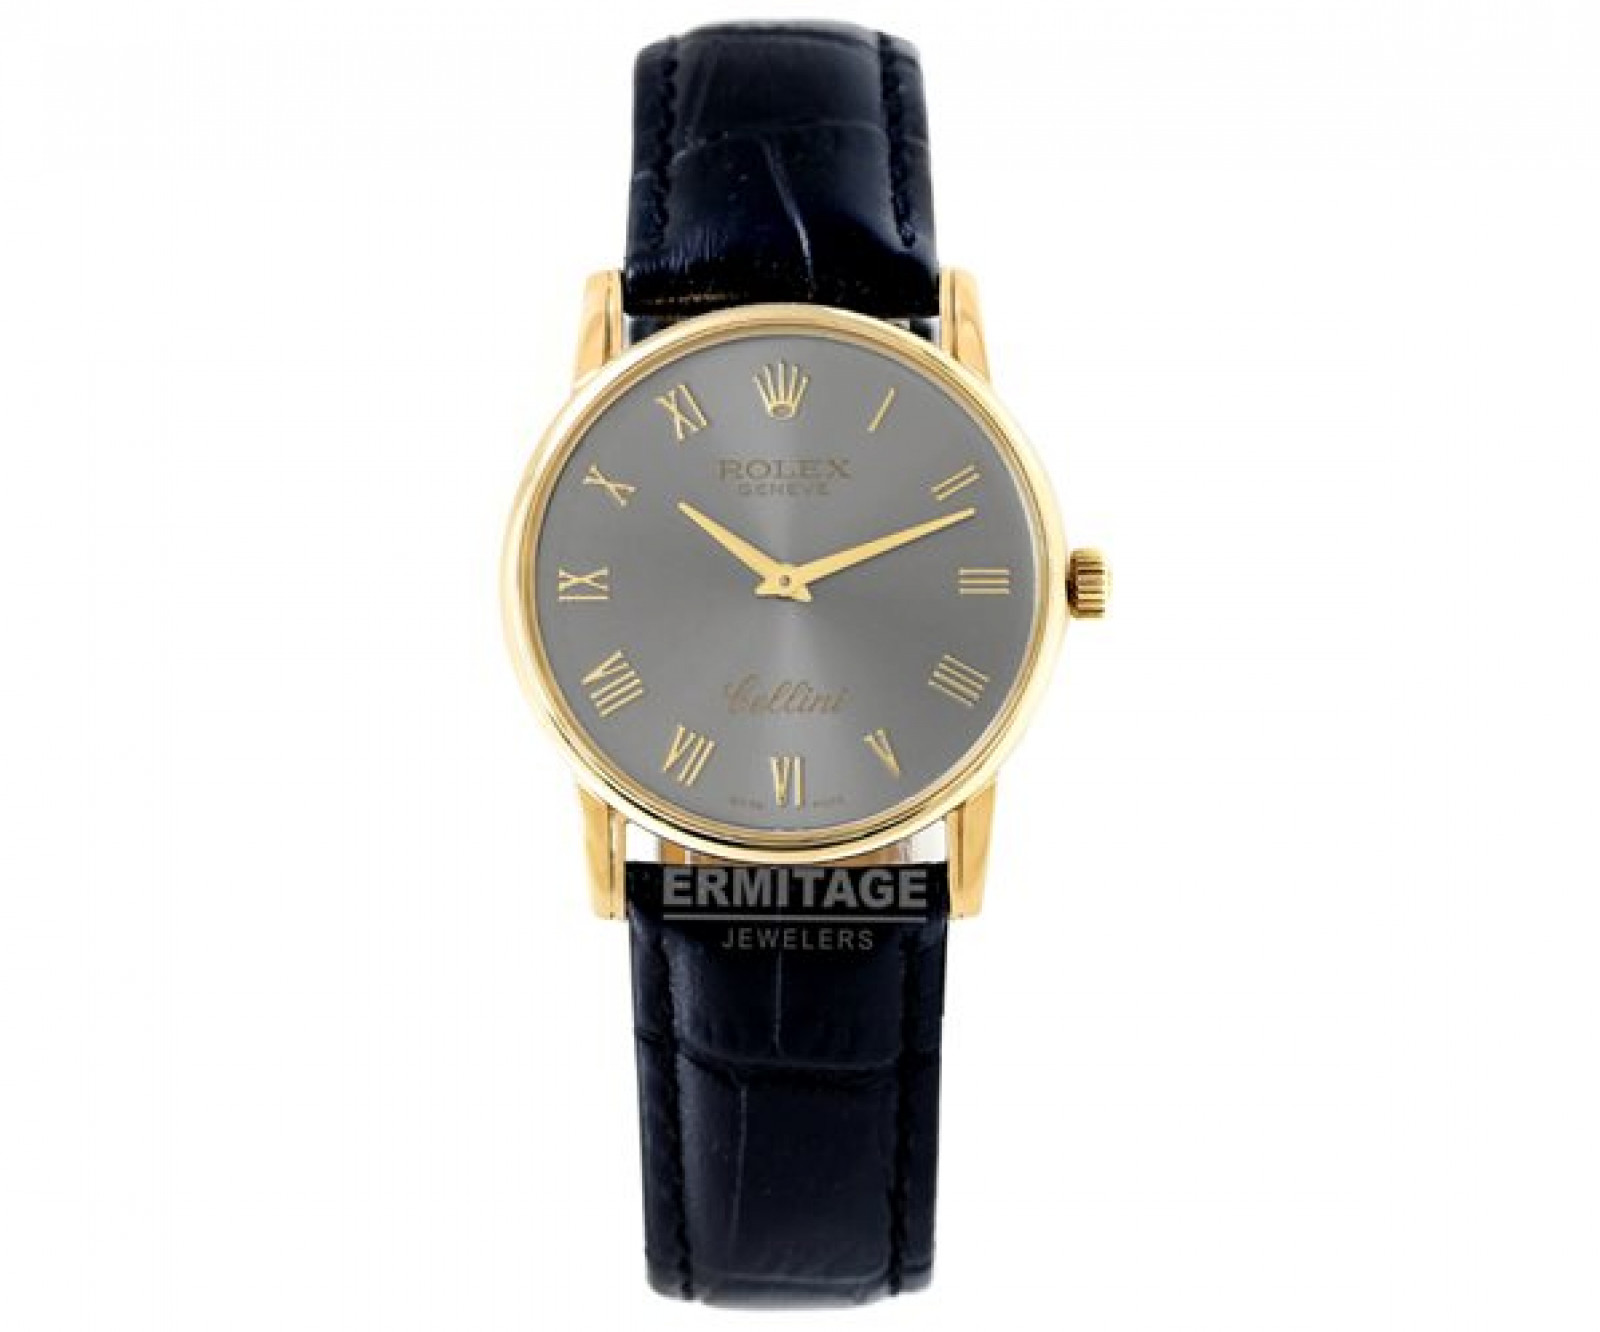 Rolex Cellini 5116 Gold 2004